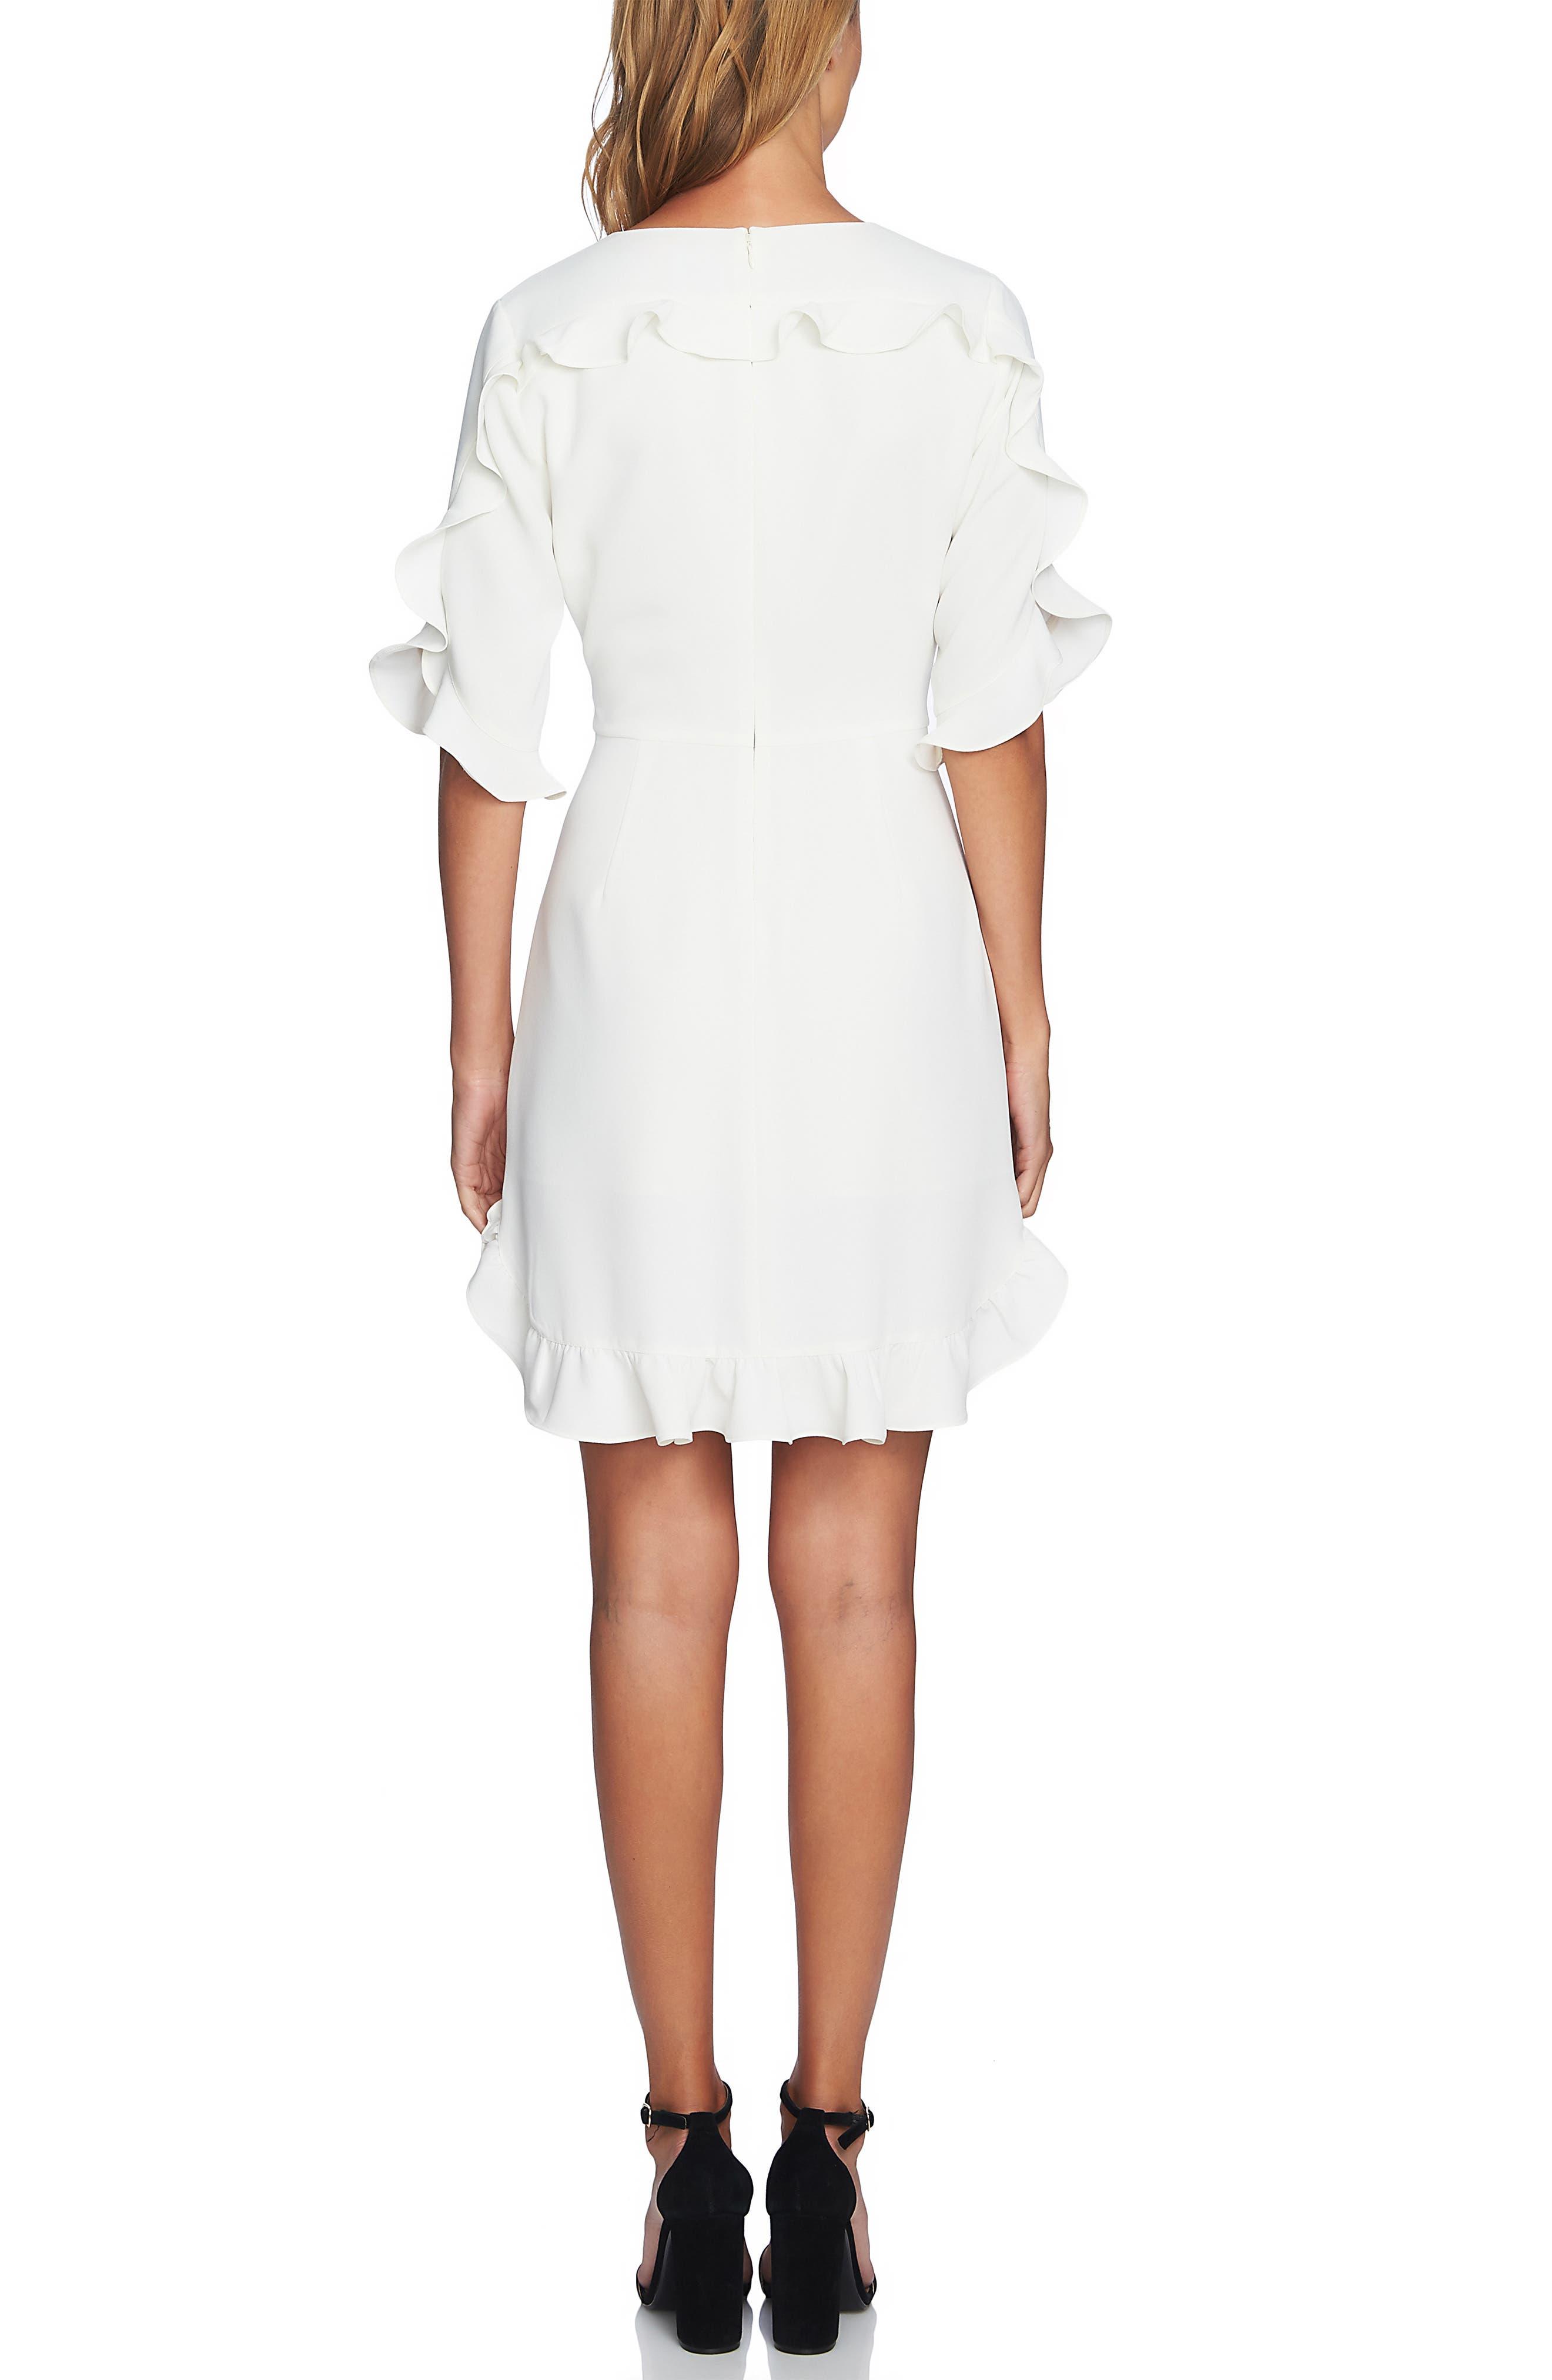 CECE, Ruffle V-Neck A-Line Dress, Alternate thumbnail 2, color, ANTIQUE WHITE